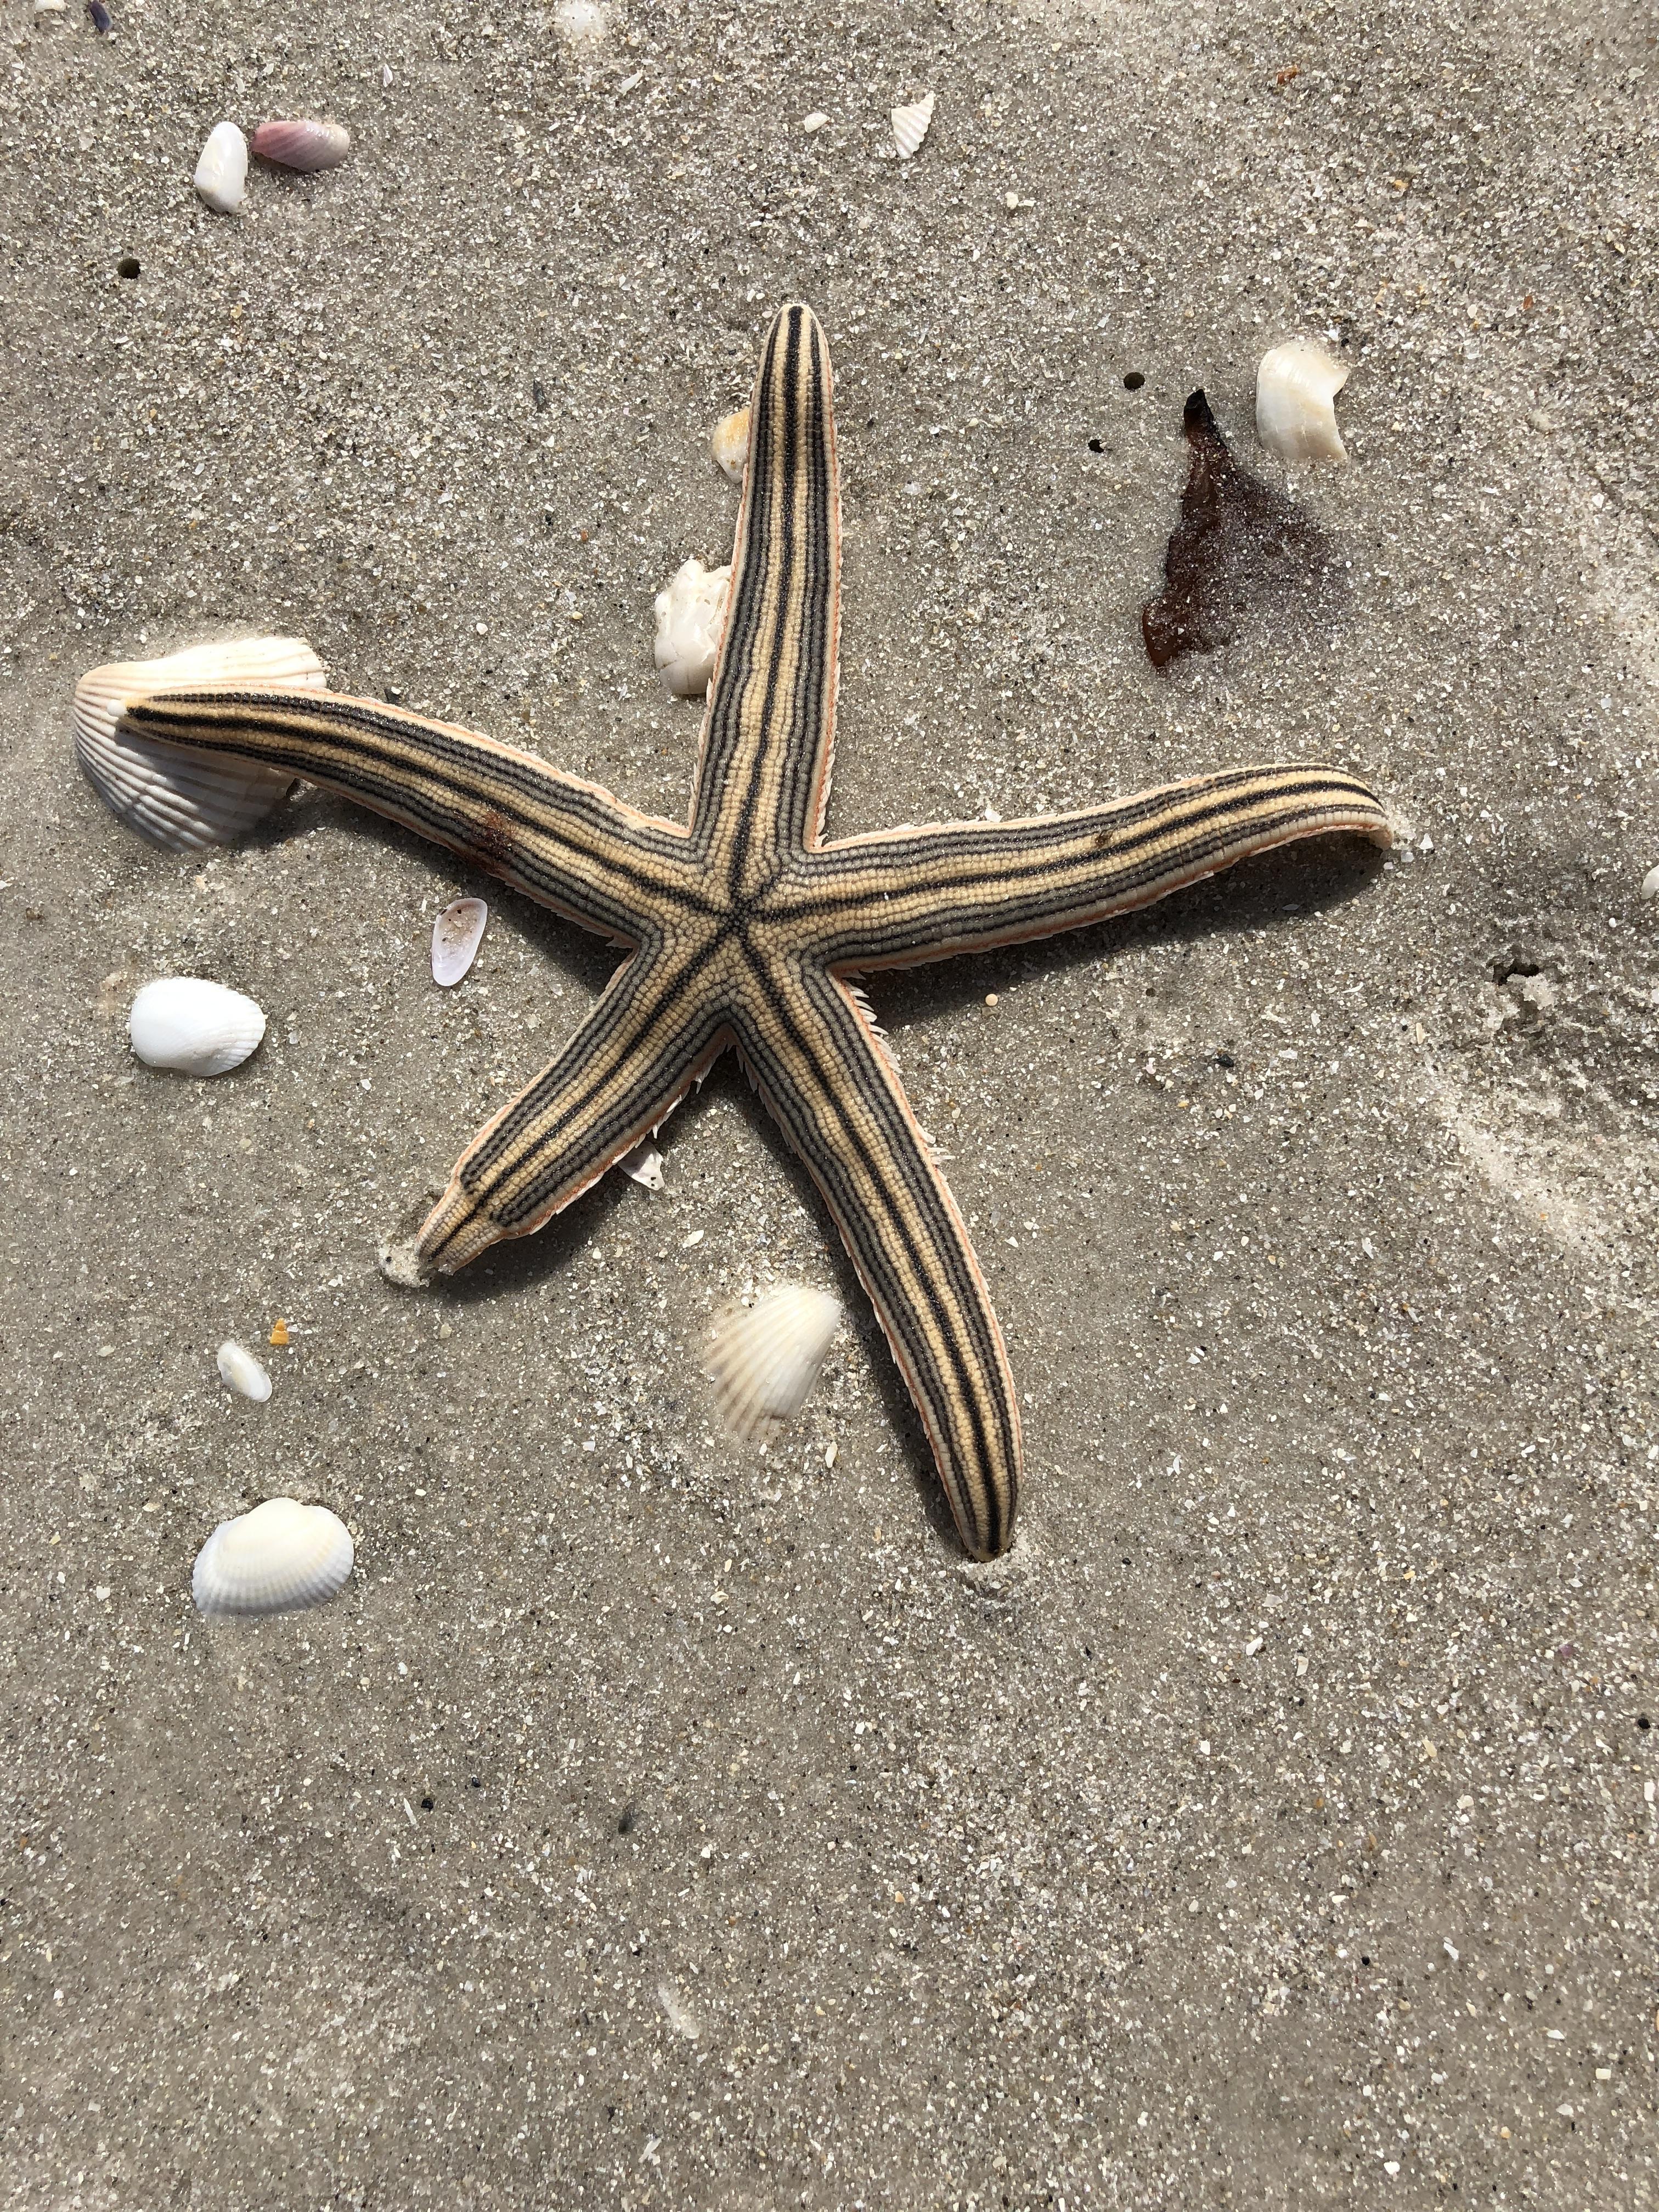 Starfish w regenerating leg.JPG